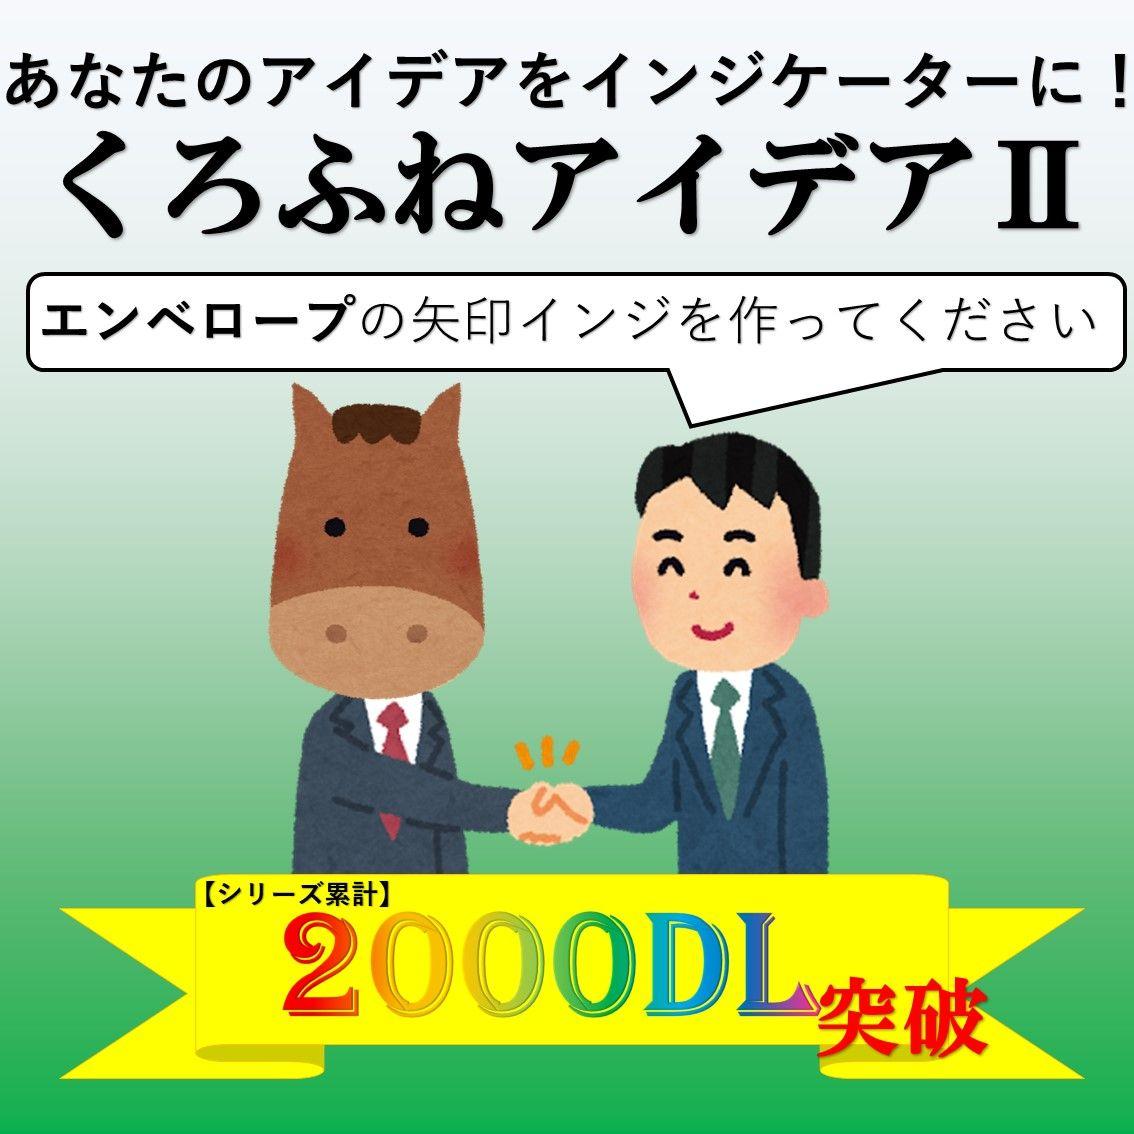 【KUROHUNEアイデア】エンベロープ + 矢印